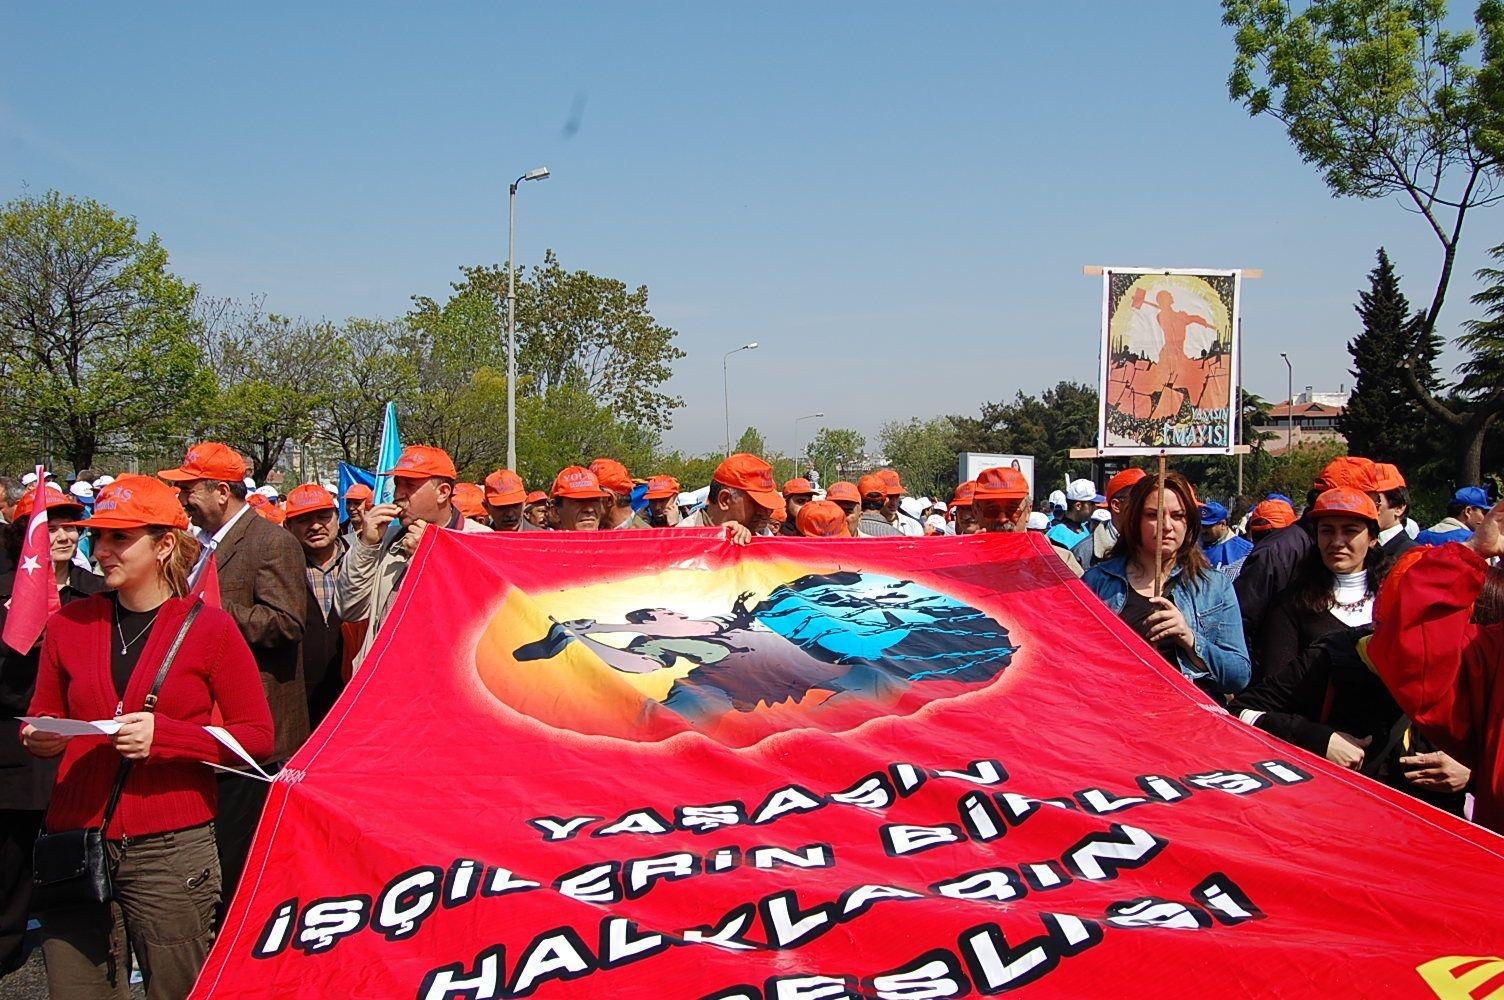 1 Mayıs sınıfı birleşmeye  ve barış mücadelesine çağırıyor